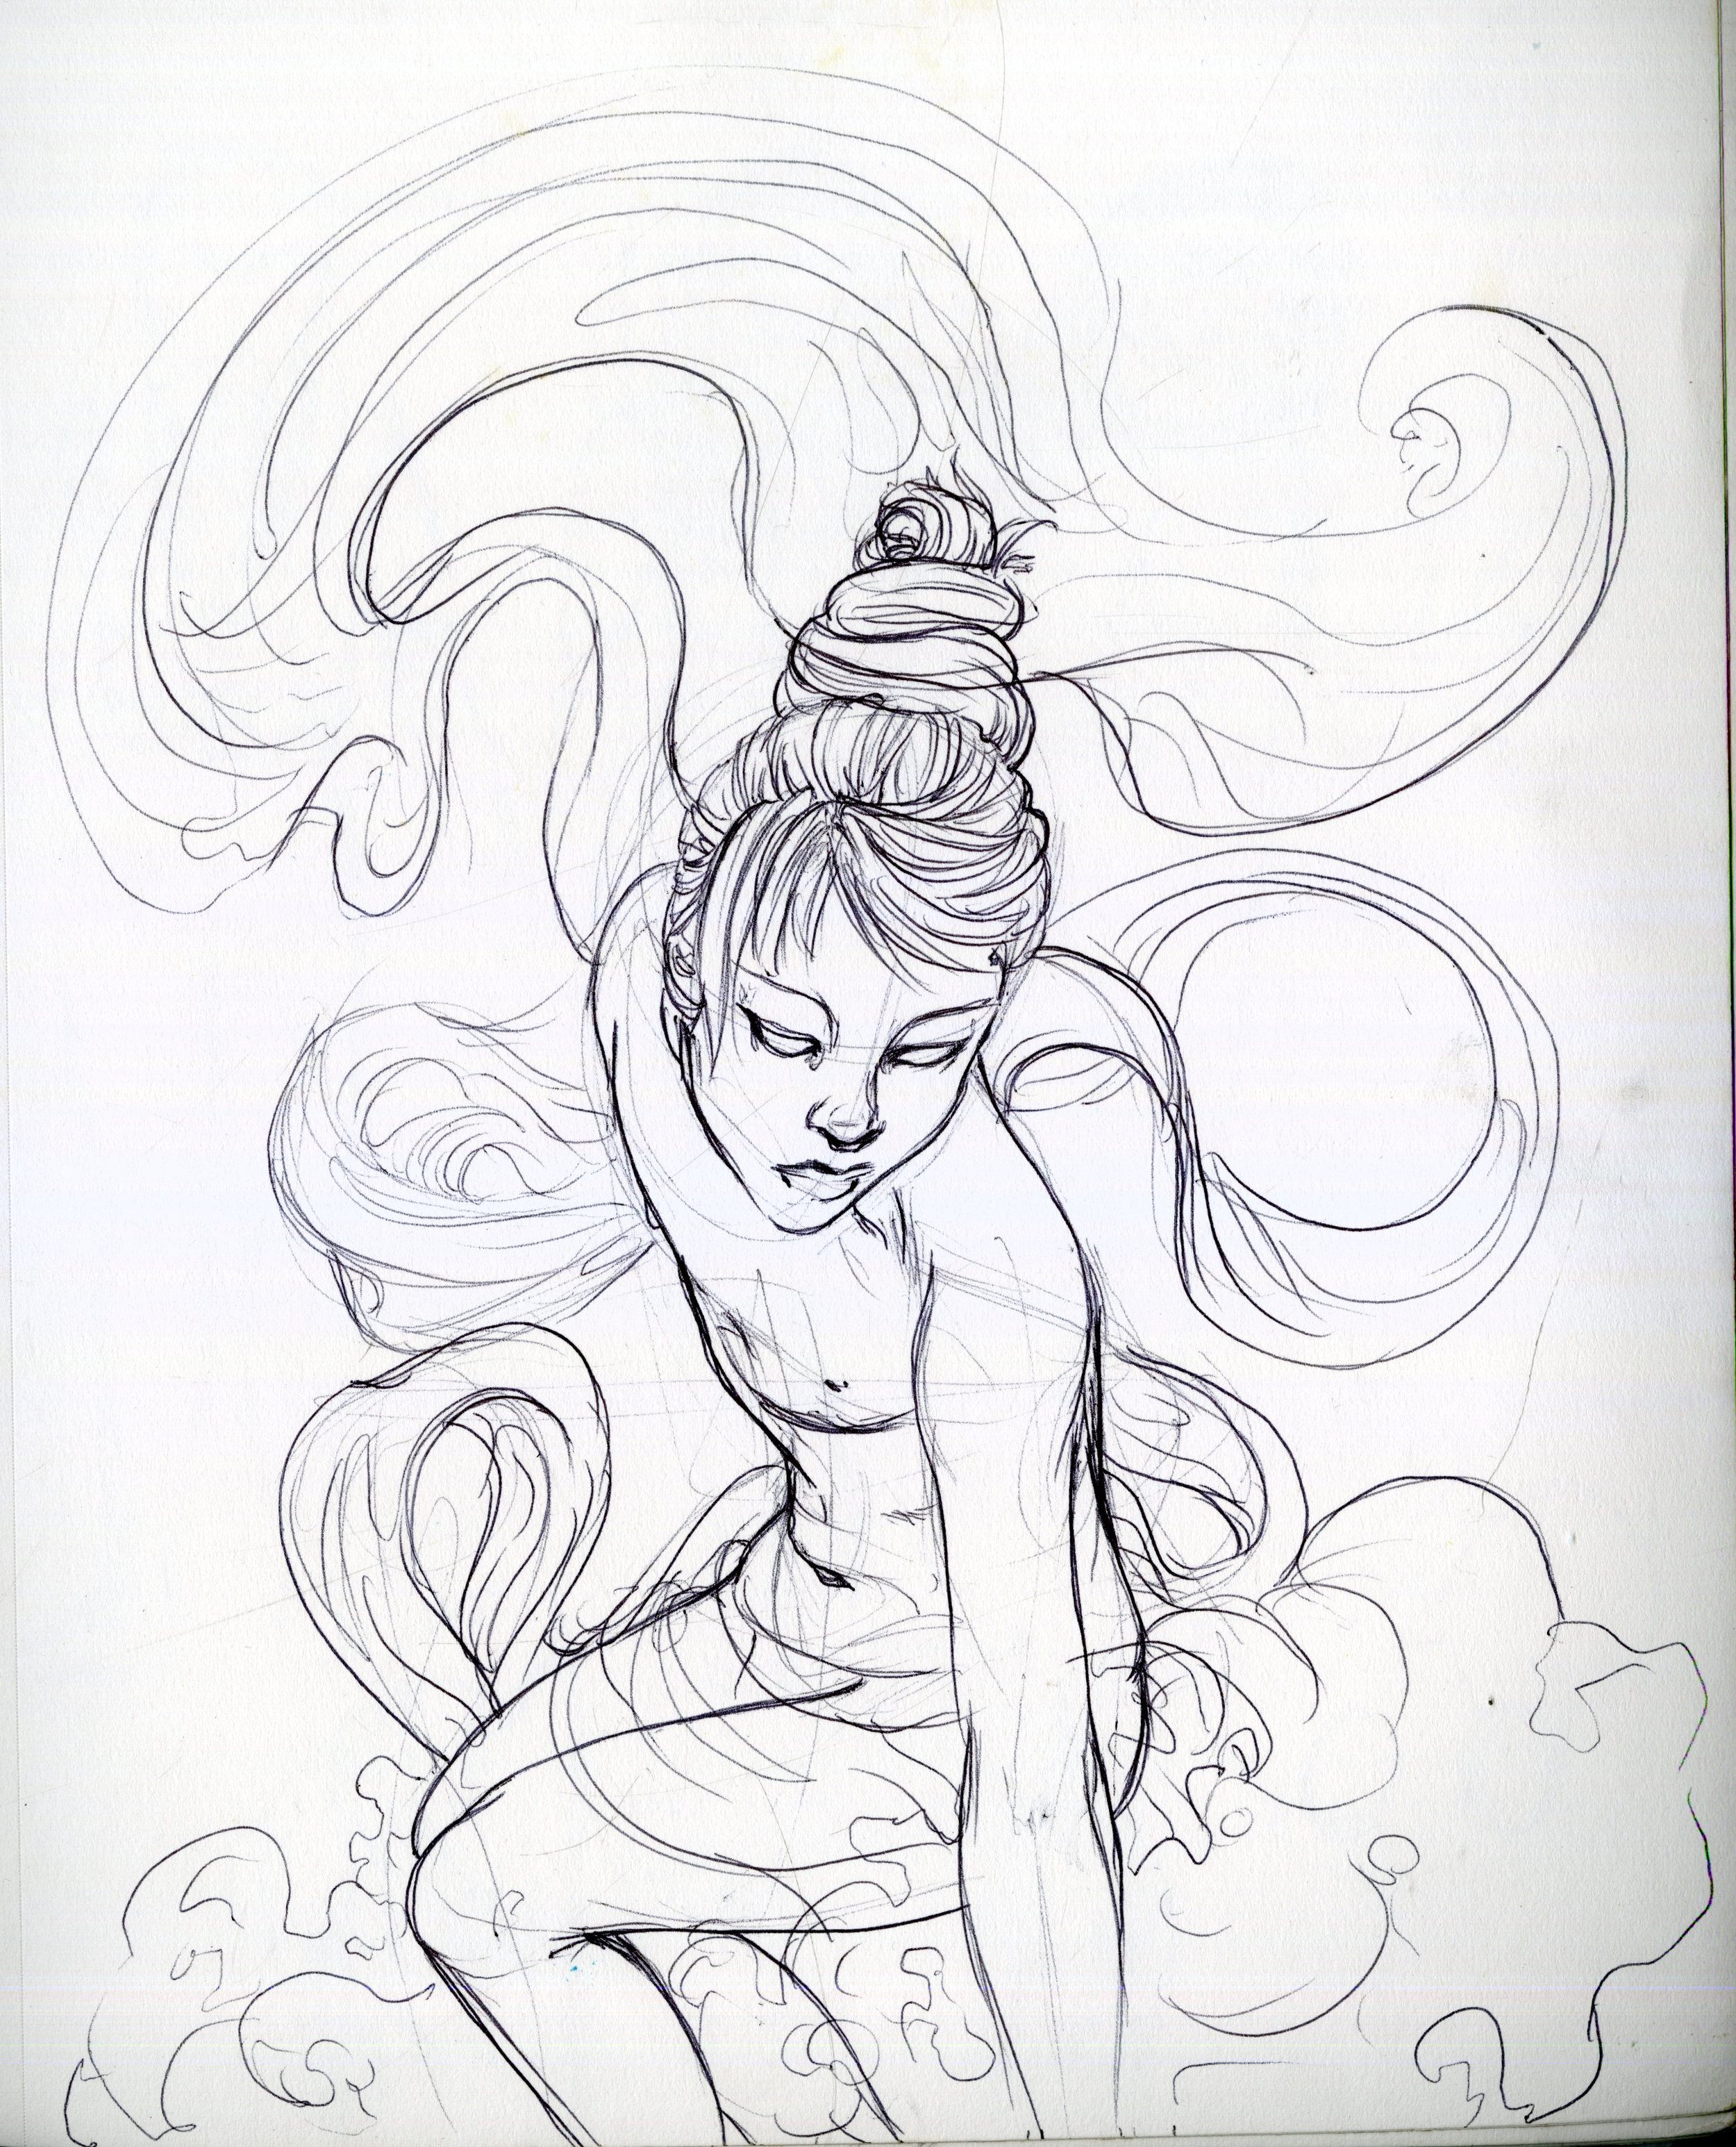 Hindu wind god009.jpg